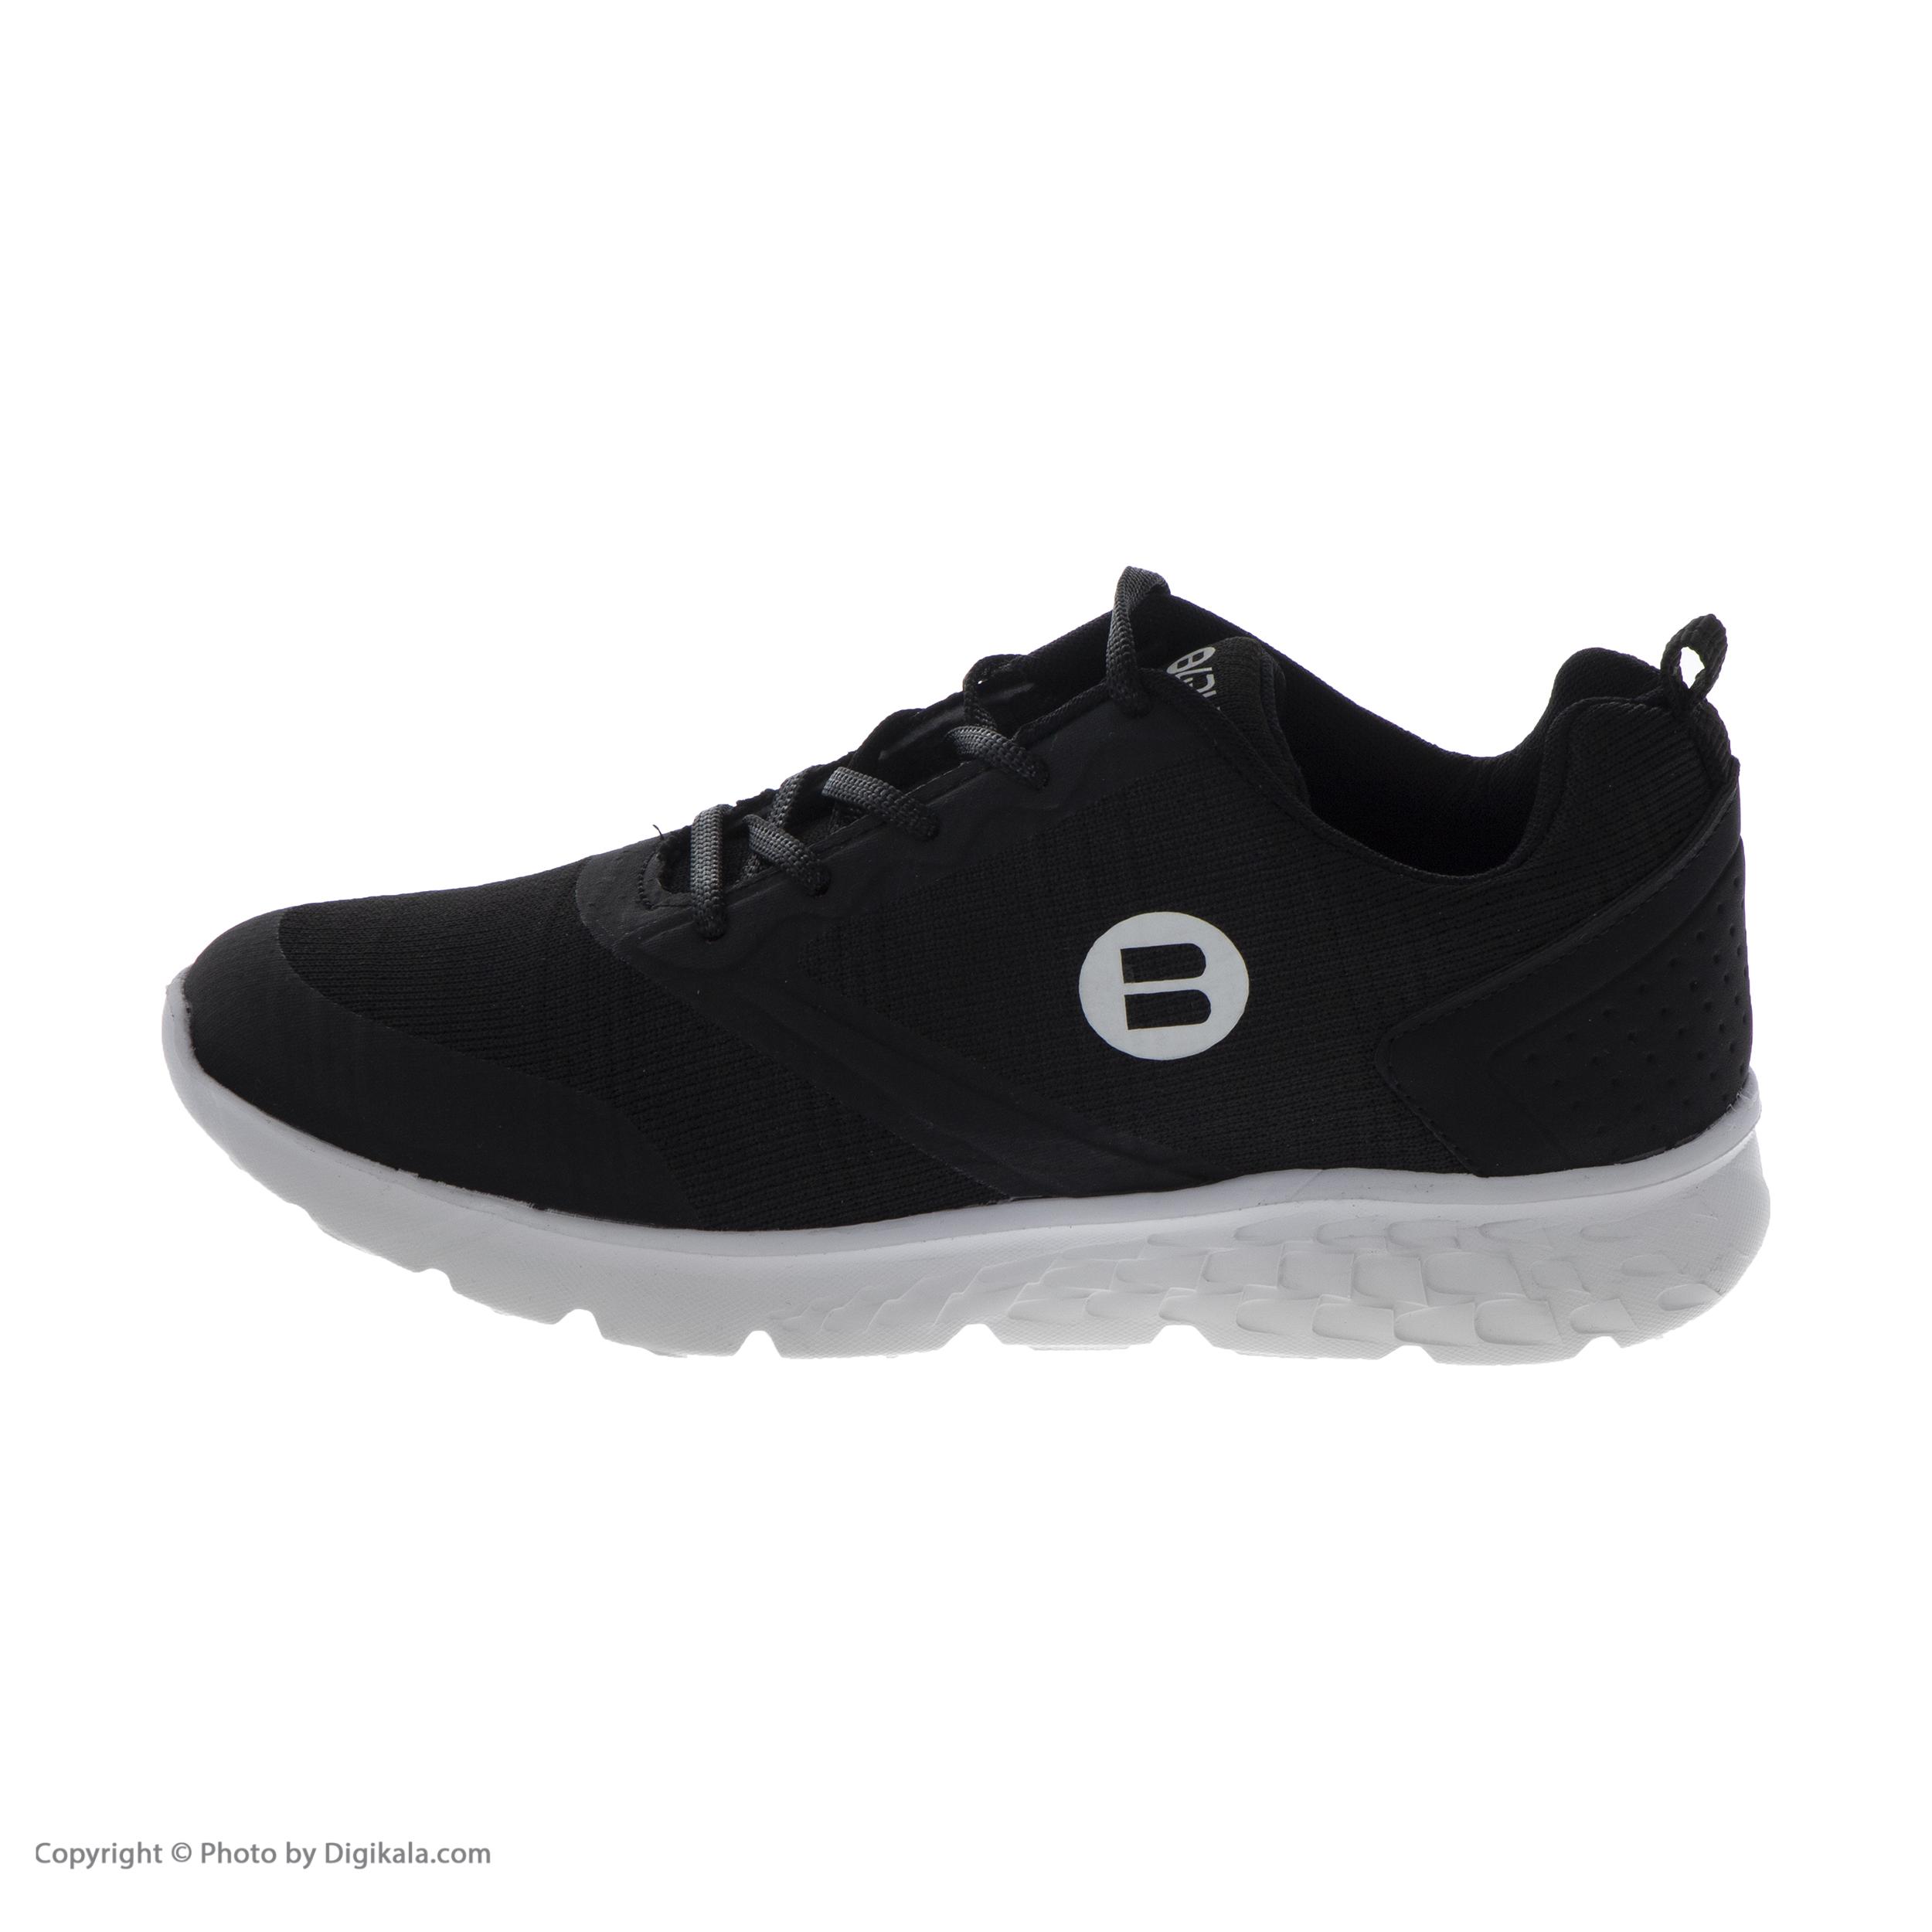 کفش ورزشی زنانه بی فور ران مدل 981126-99